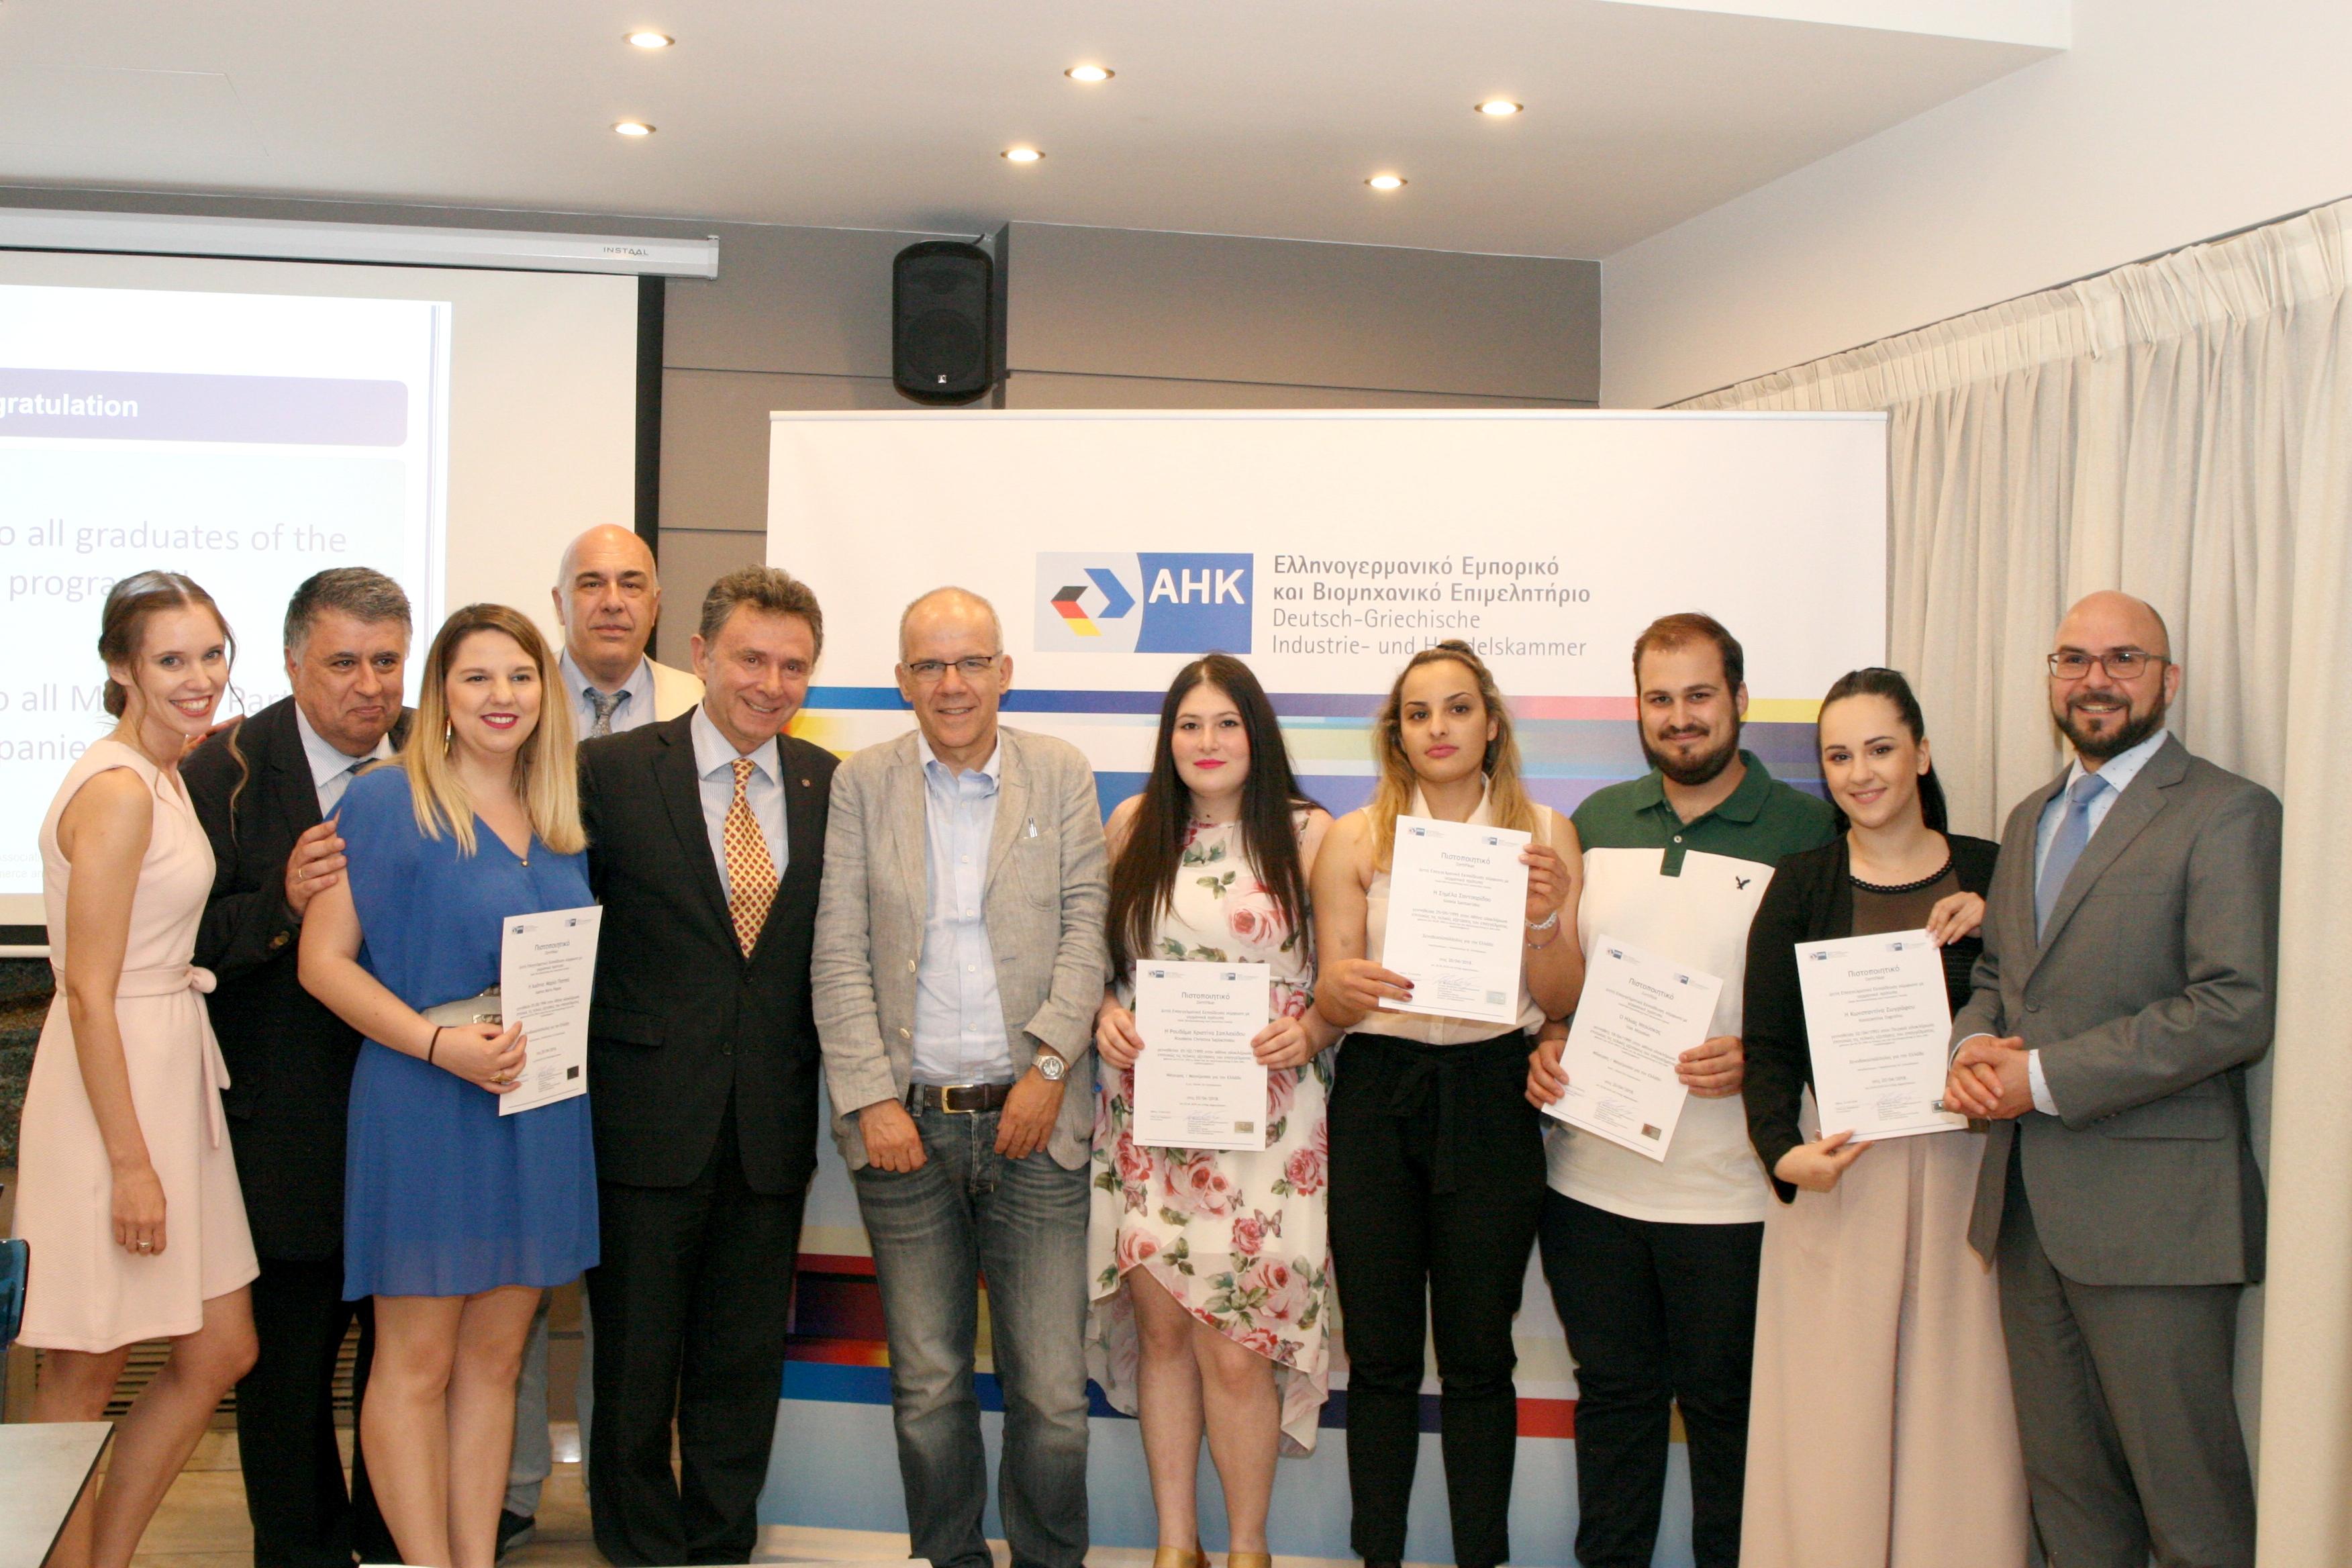 Ενημερωτικές εκδηλώσεις για το Πρόγραμμα Εκπαιδευτικών Σεμιναρίων στον τομέα του Τουρισμού DUAL Hellas